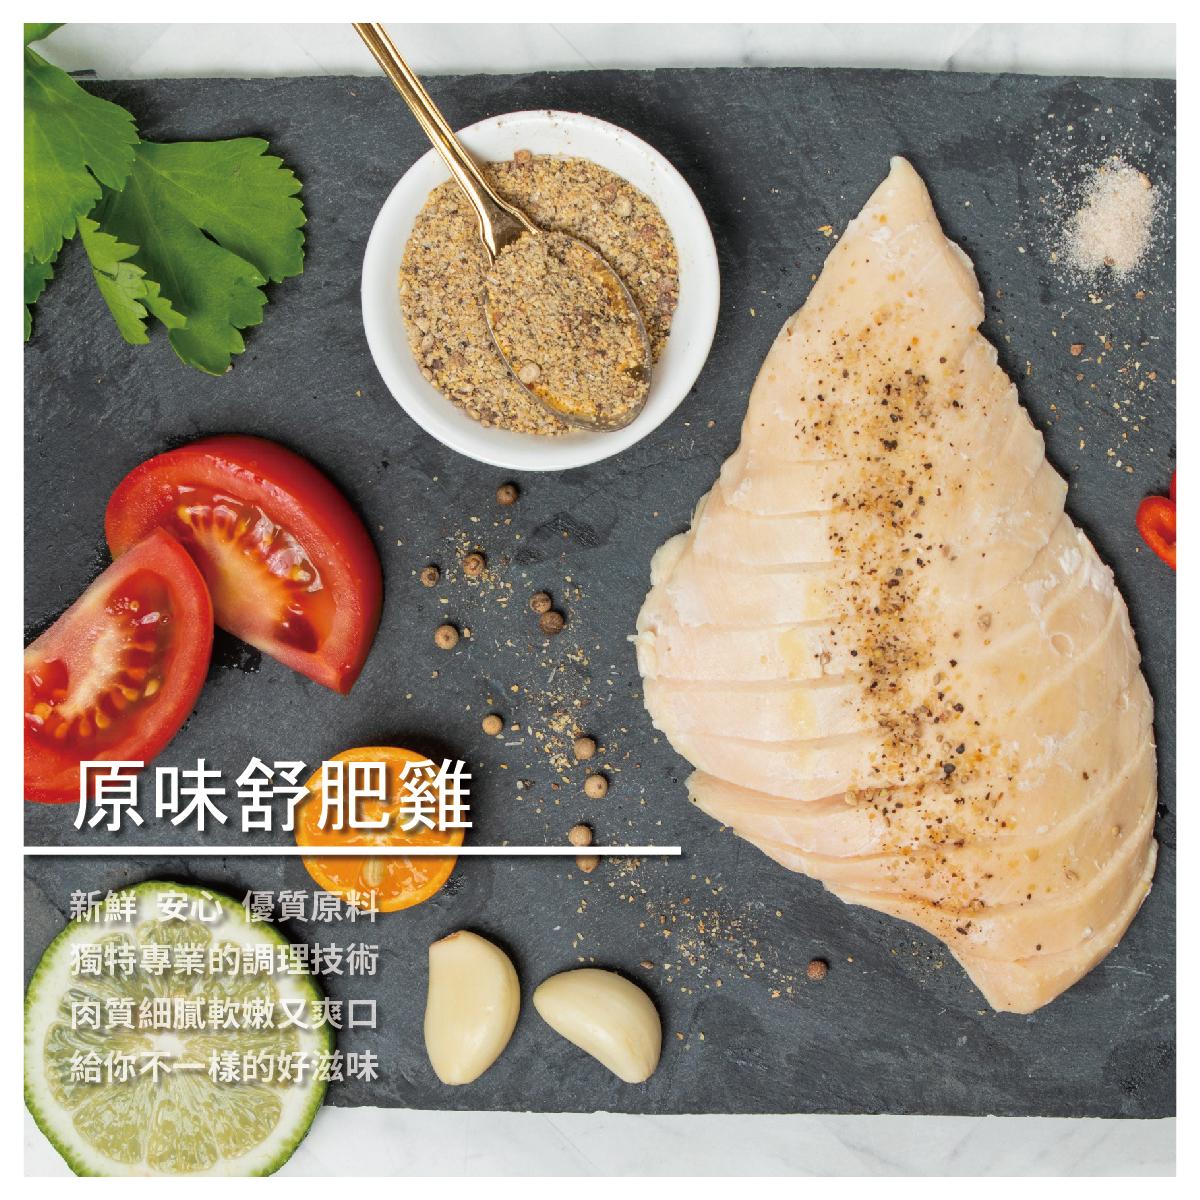 【日輕好食低脂健康料理】舒肥嫩雞胸 180g